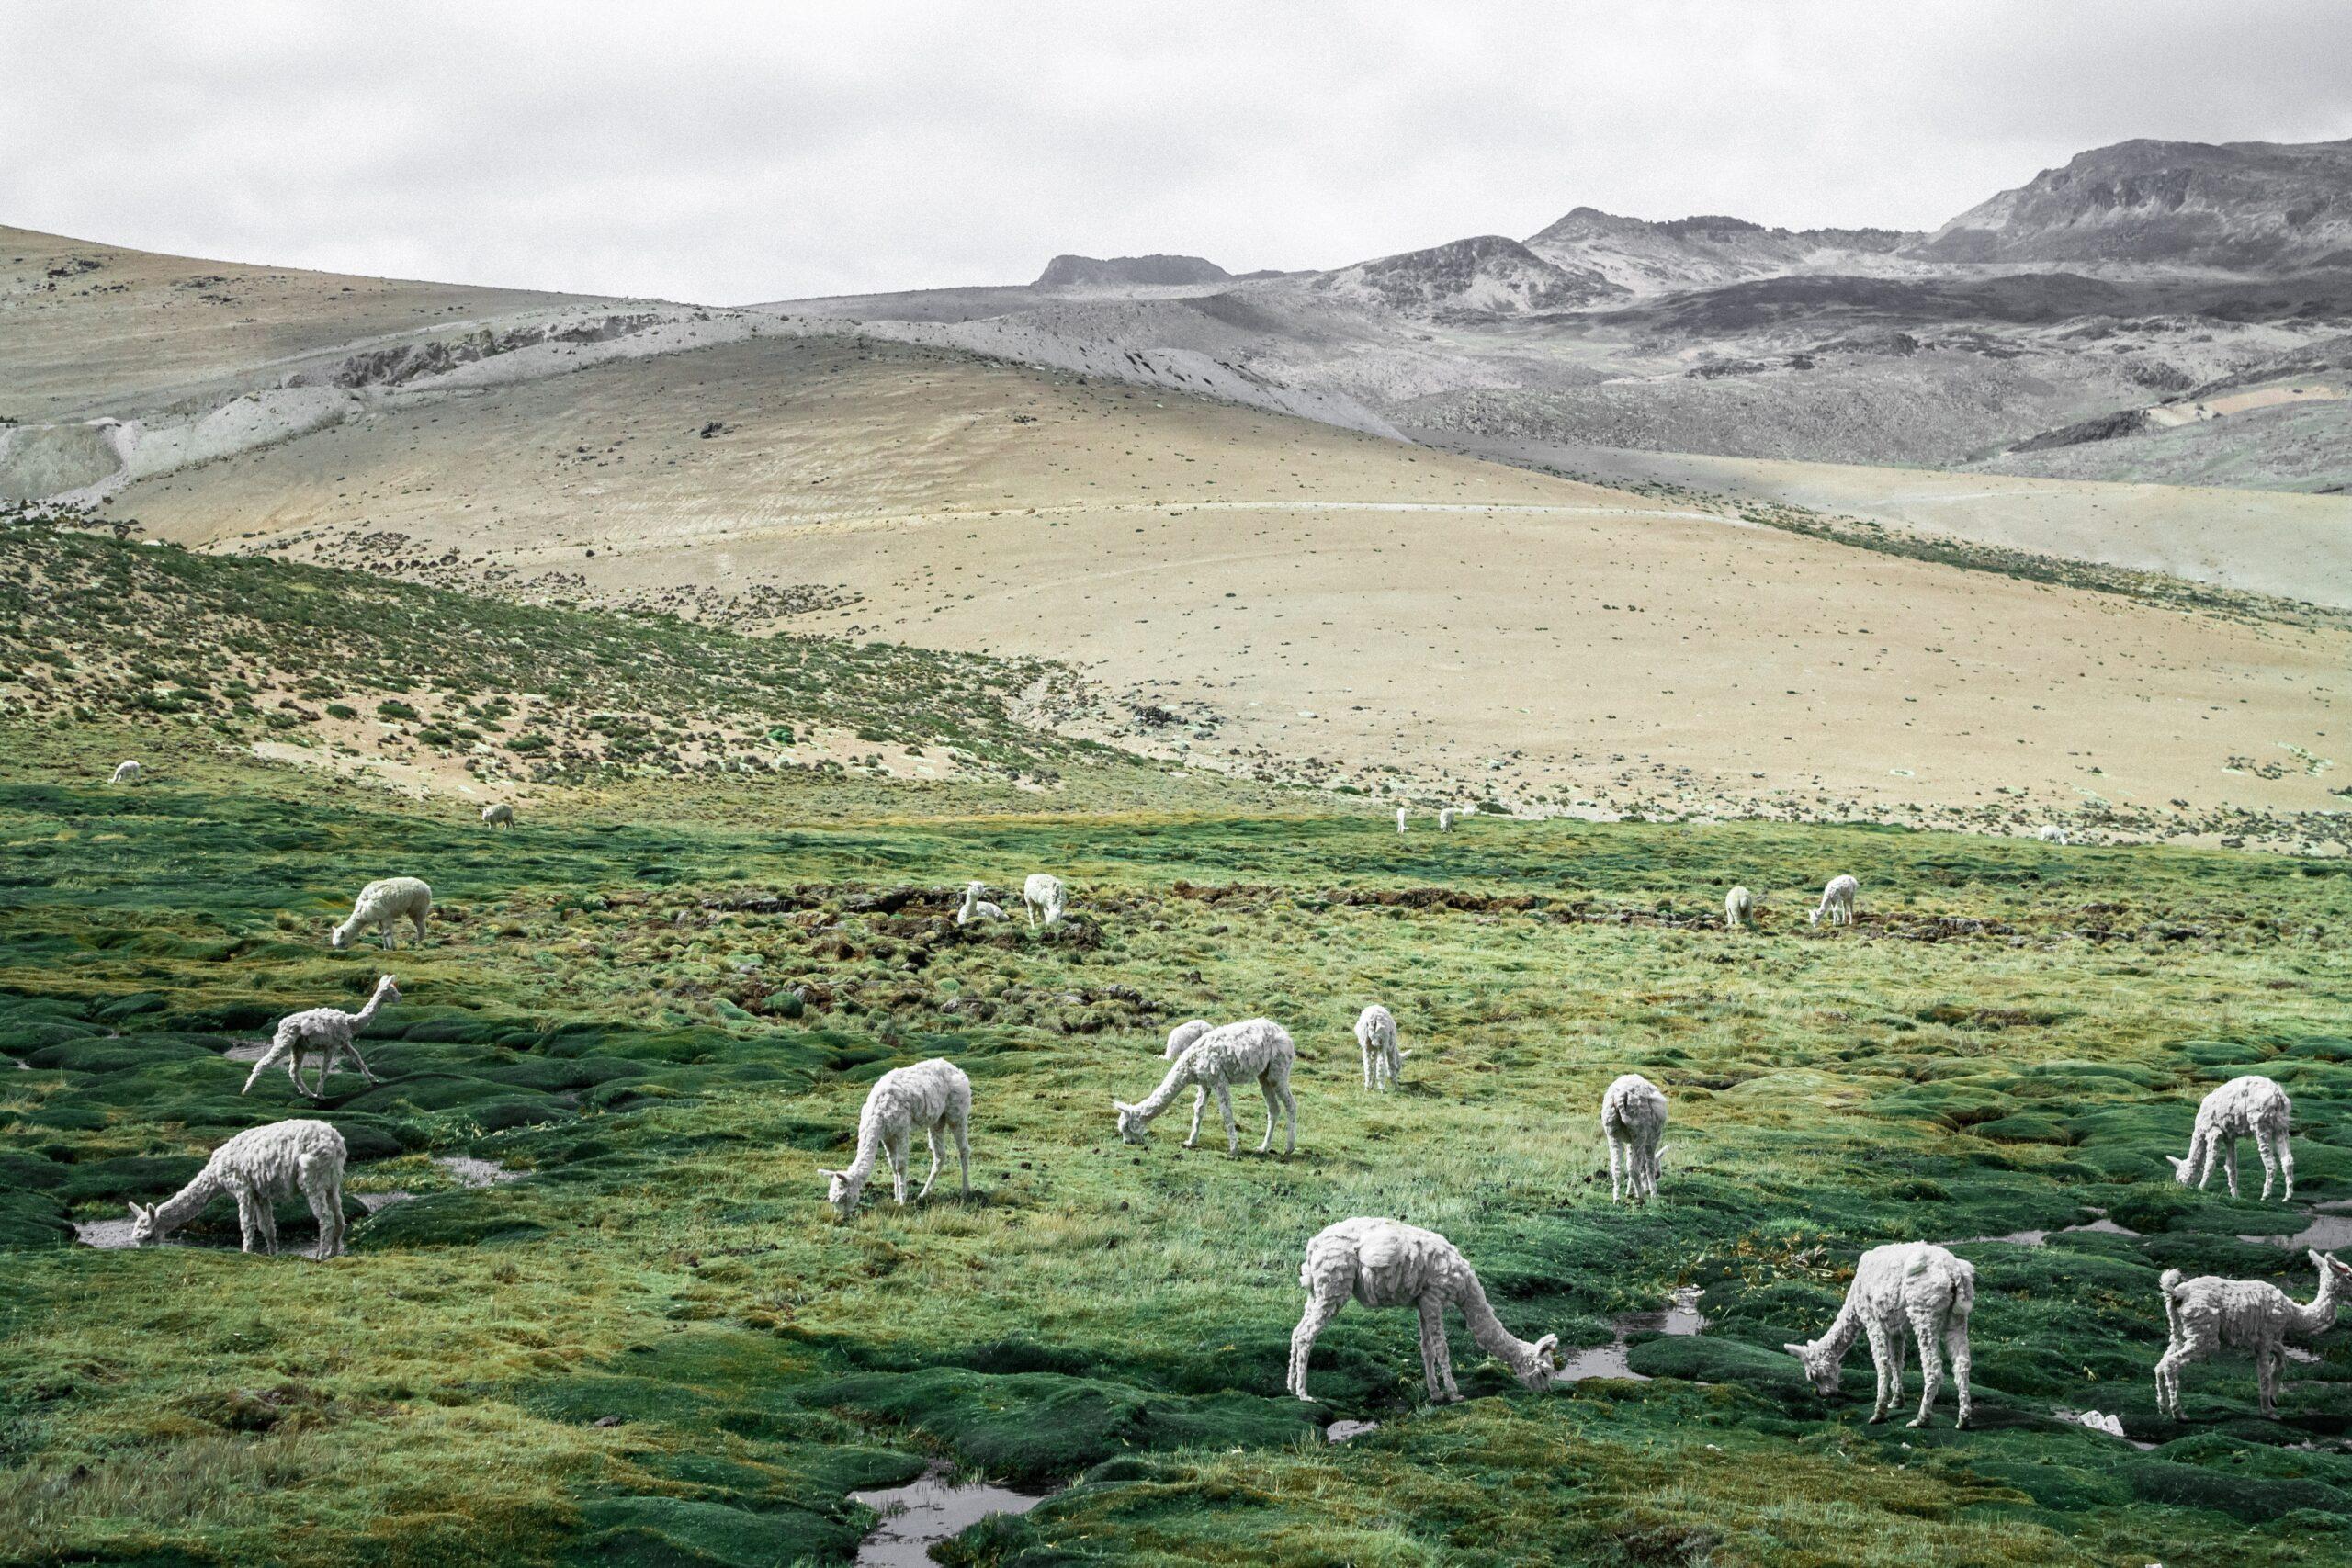 Imagen de fondo de Asociación de Servicio Integral de Cooperación Rural ANCCARA-SICRA